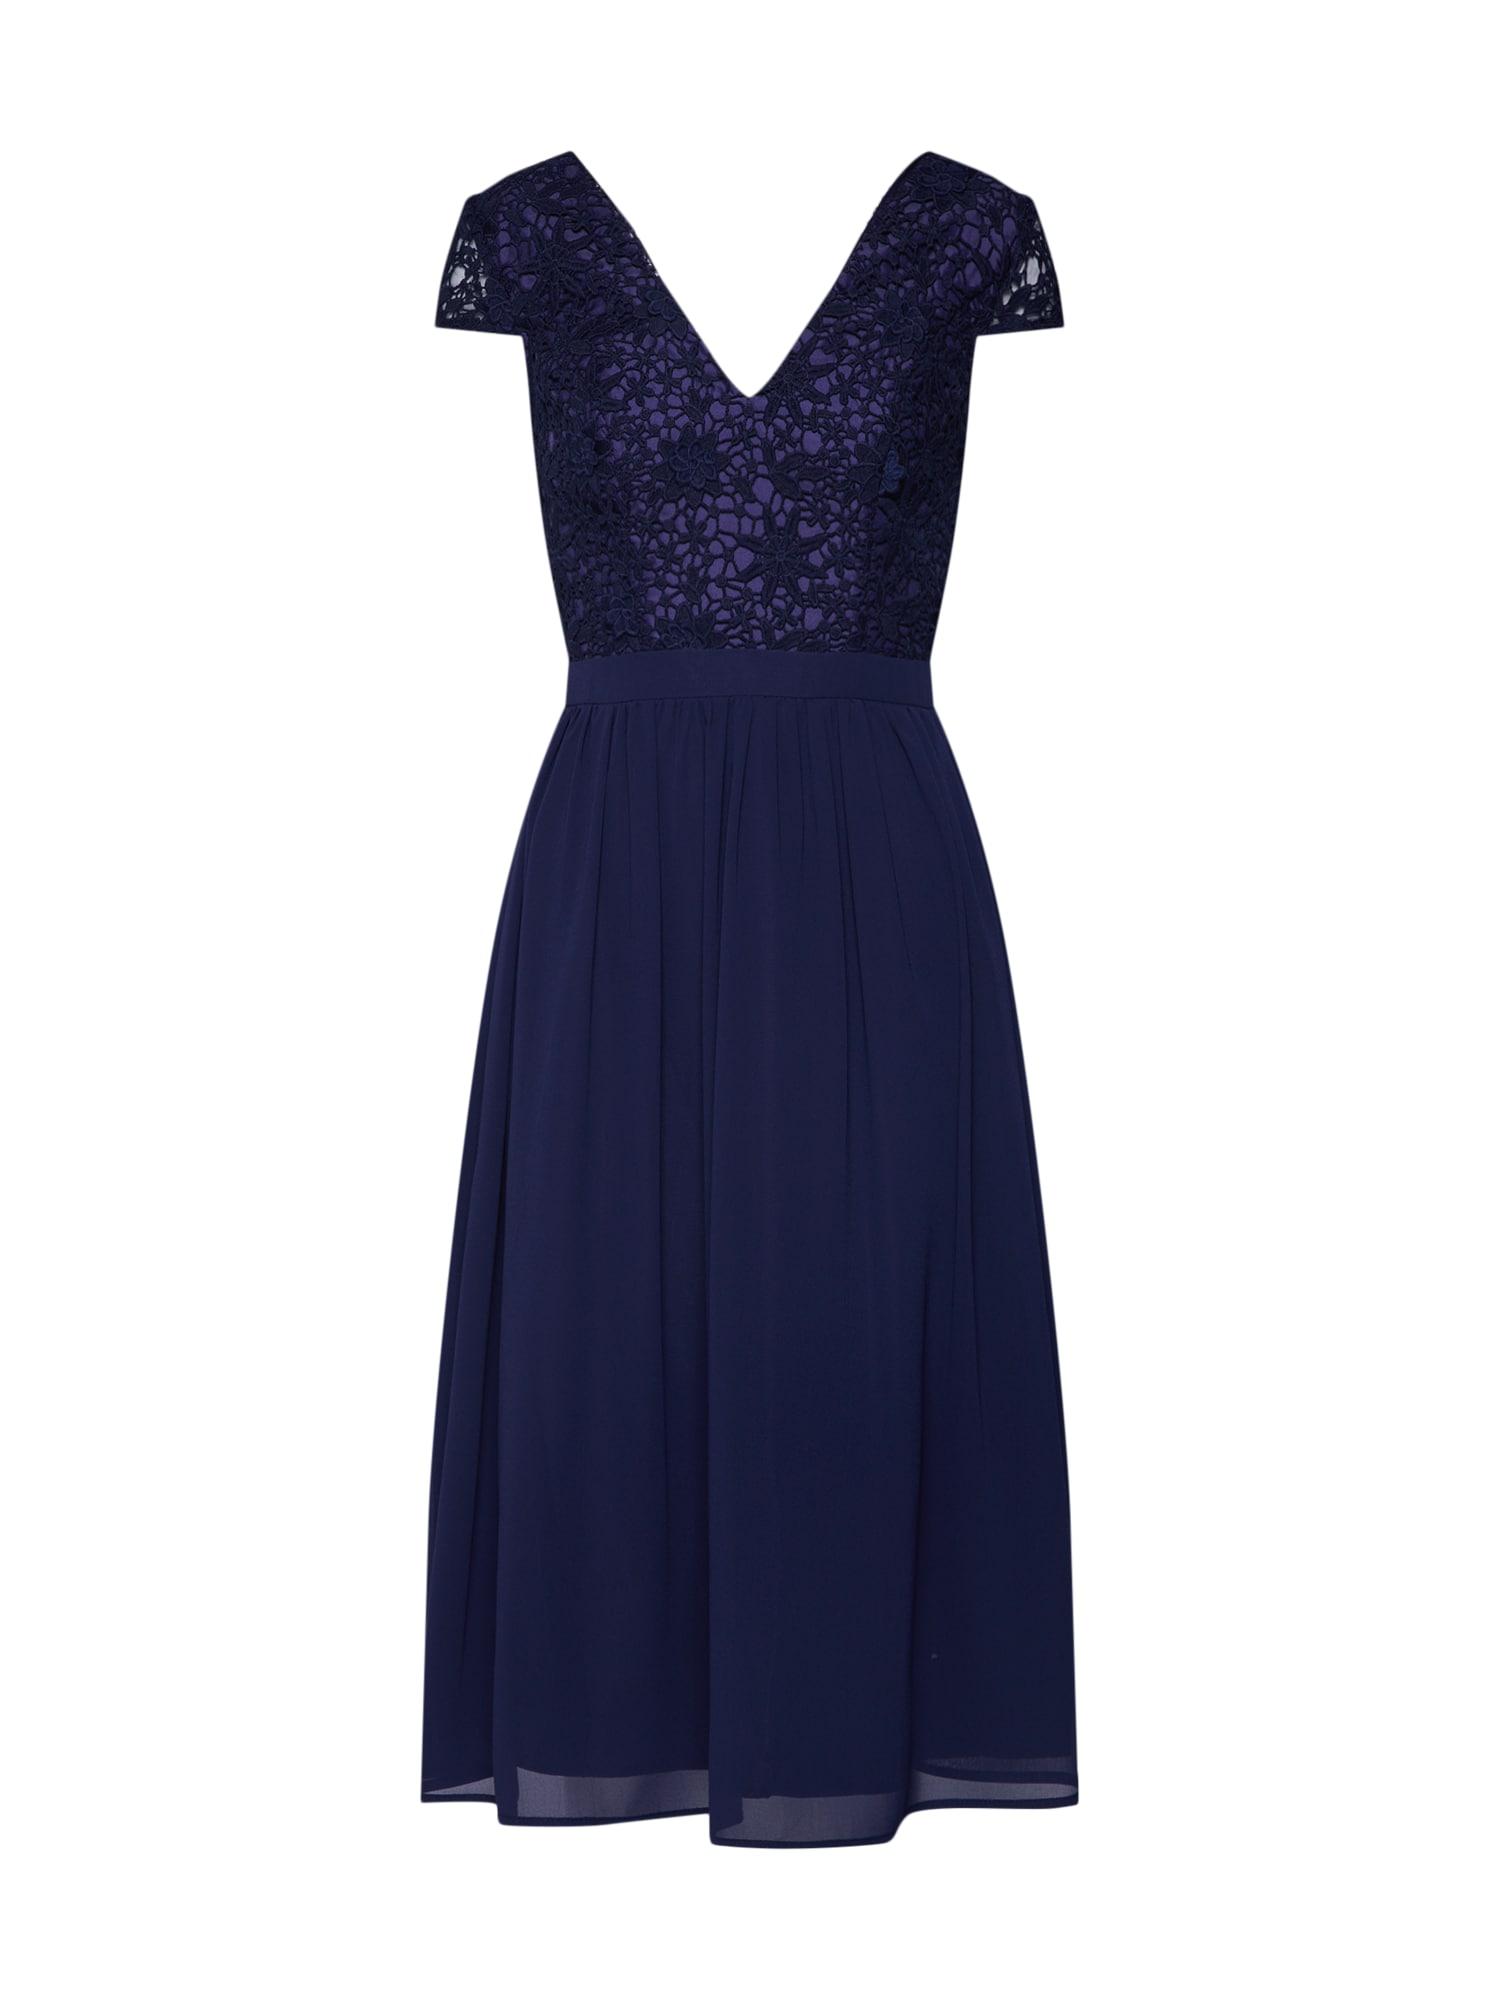 Společenské šaty Halsey námořnická modř Chi Chi London